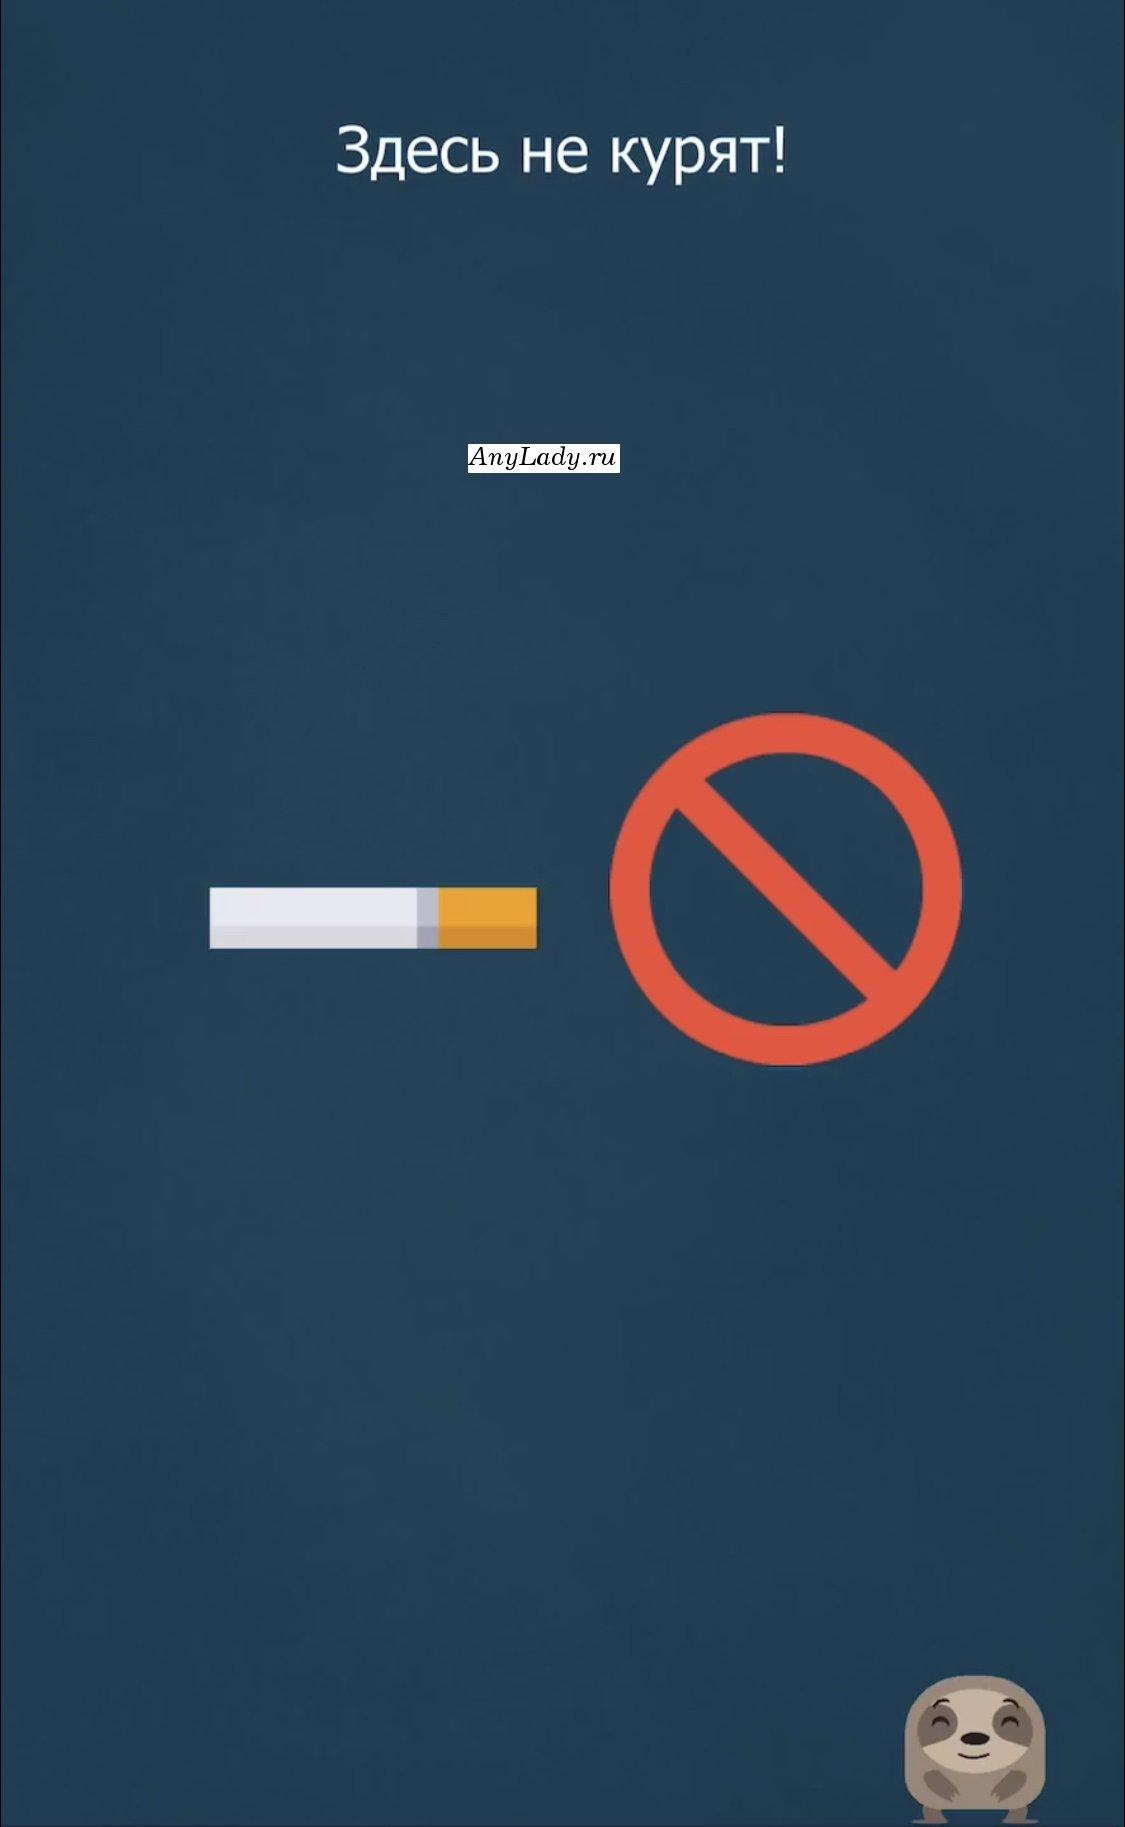 Используйте Ваш палец, как ластик и сотрите дым над сигаретой.